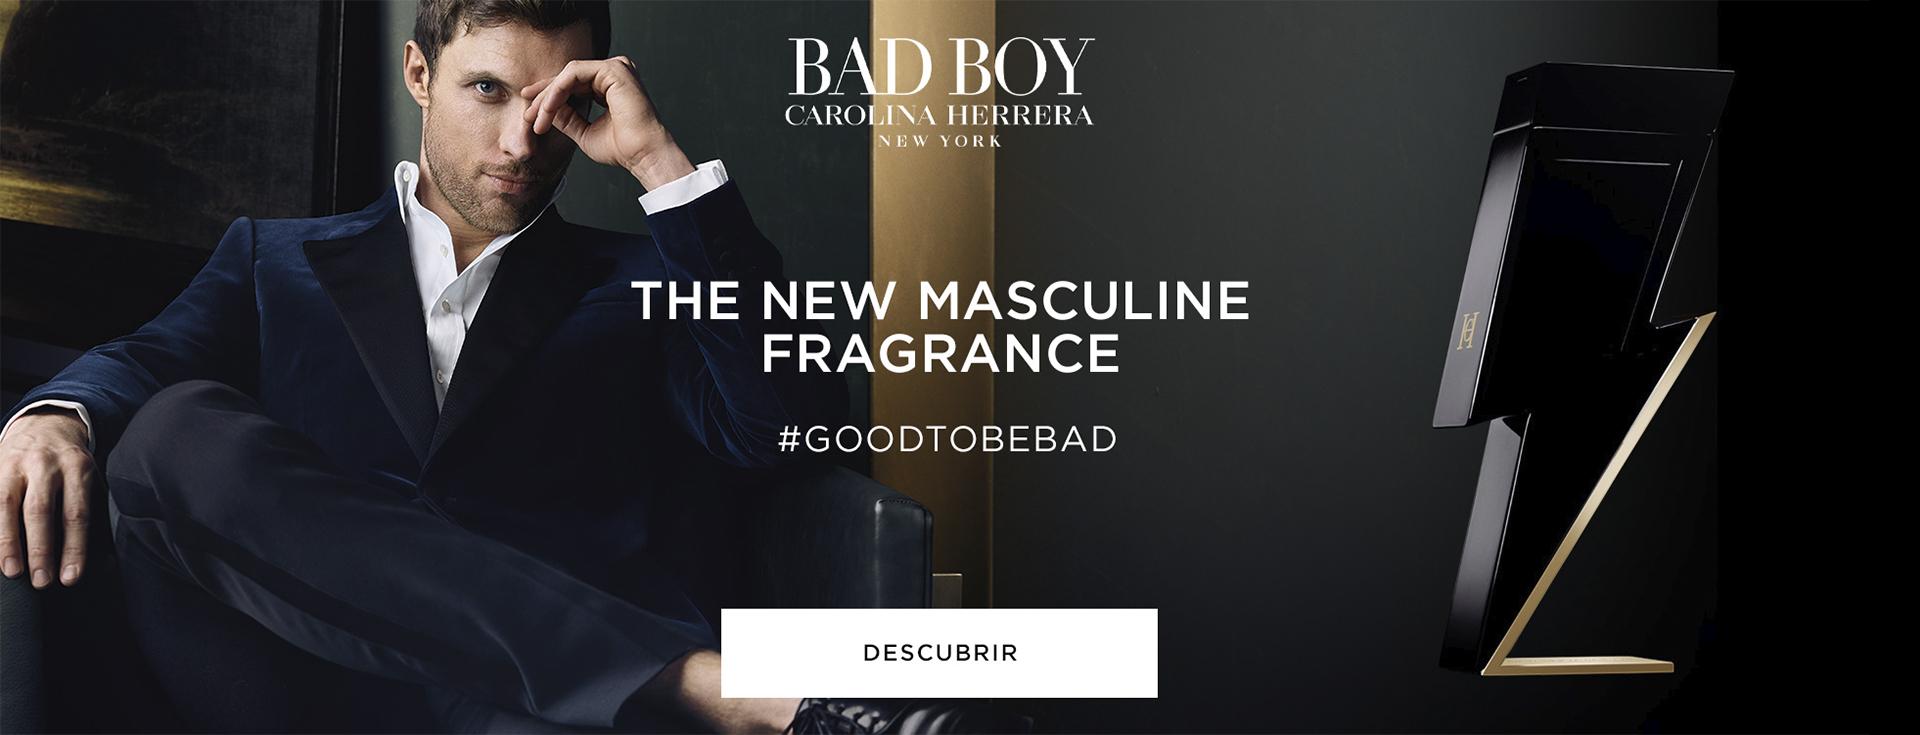 Perfumes Carolina Herrera para Hombre y Mujer | Marvimundo